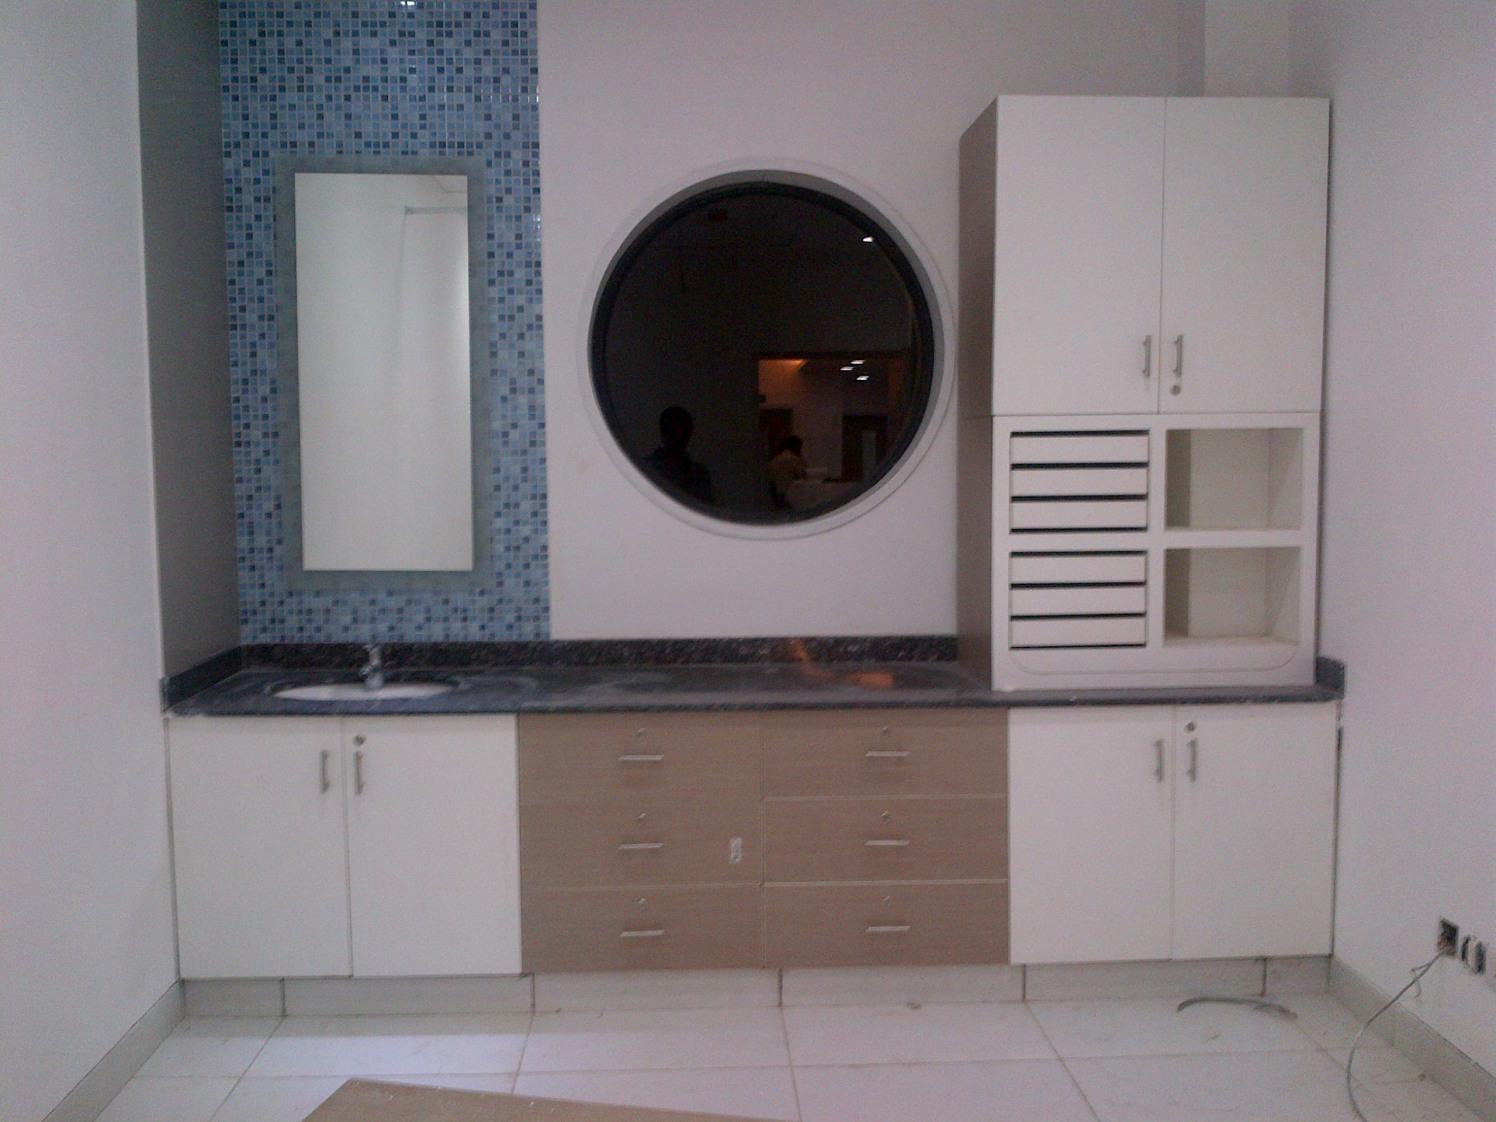 Modular kitchen decor by ARCHKEY Modular-kitchen Modern   Interior Design Photos & Ideas